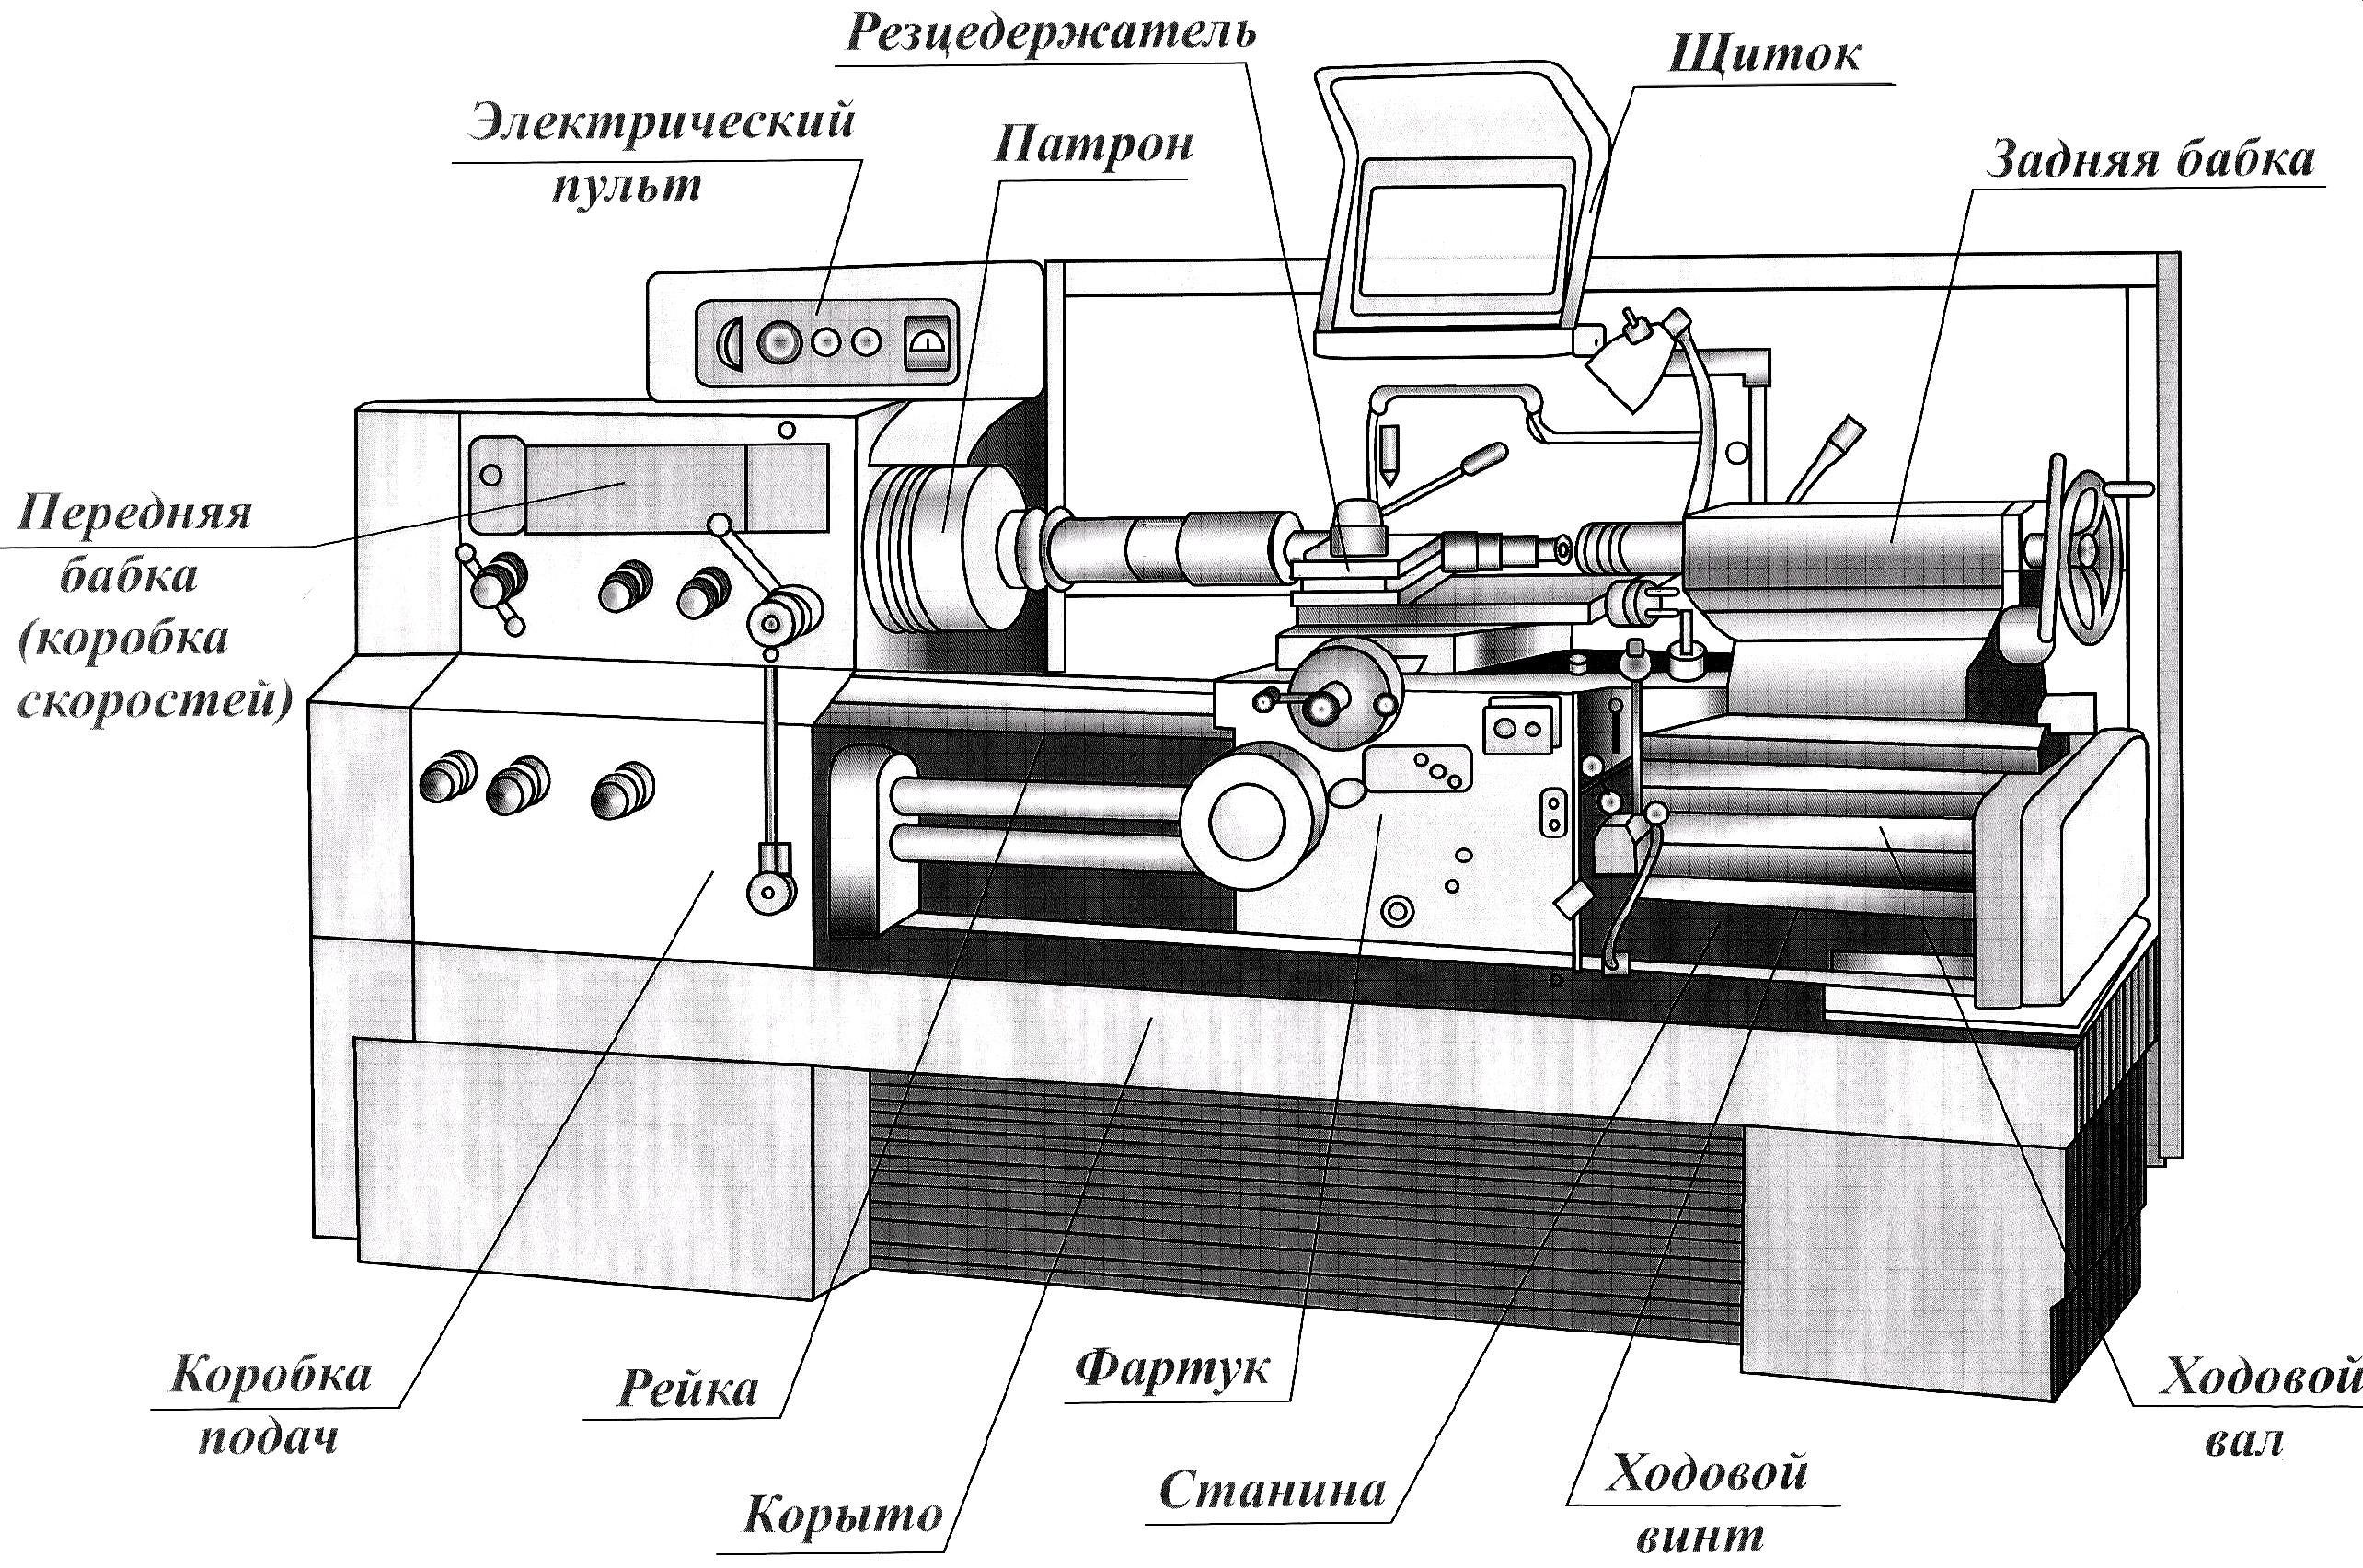 Токарно-винторезный станок: устройство, назначение и технические характеристики